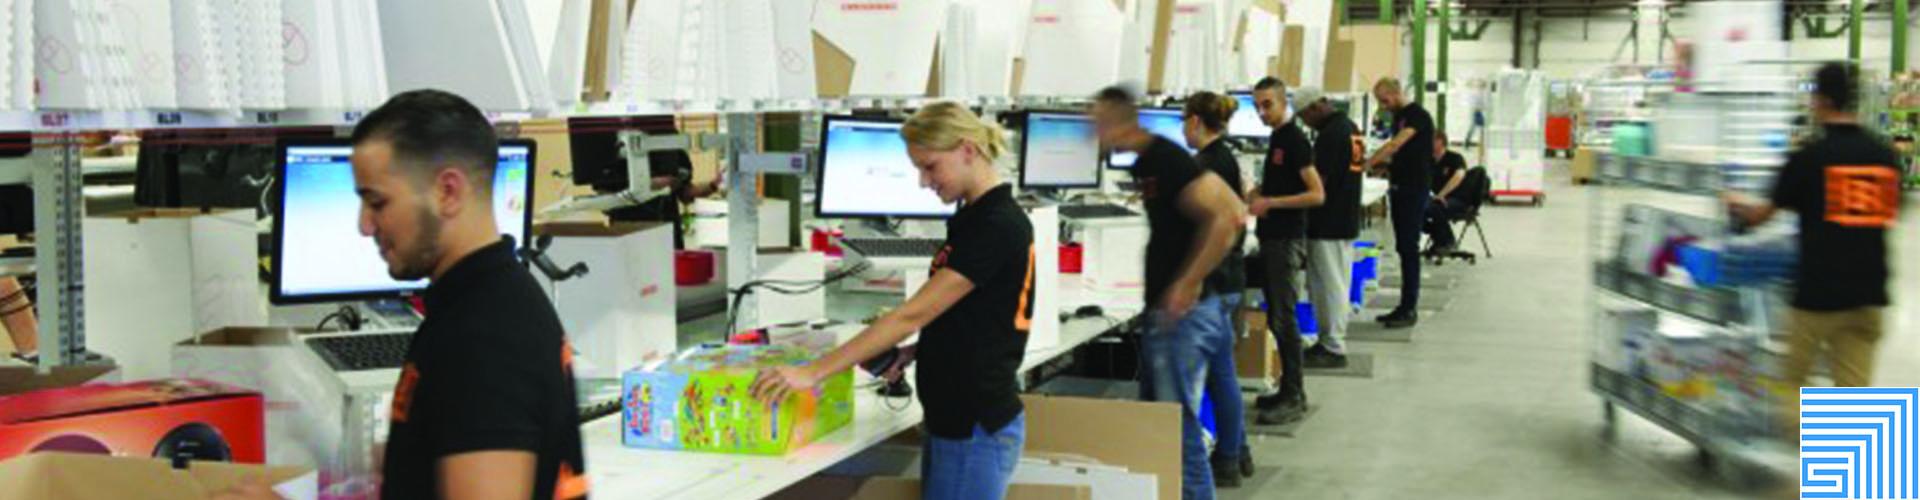 Sovella Nederland Treston inpaktafel met verstelling voor webshops en logistiek